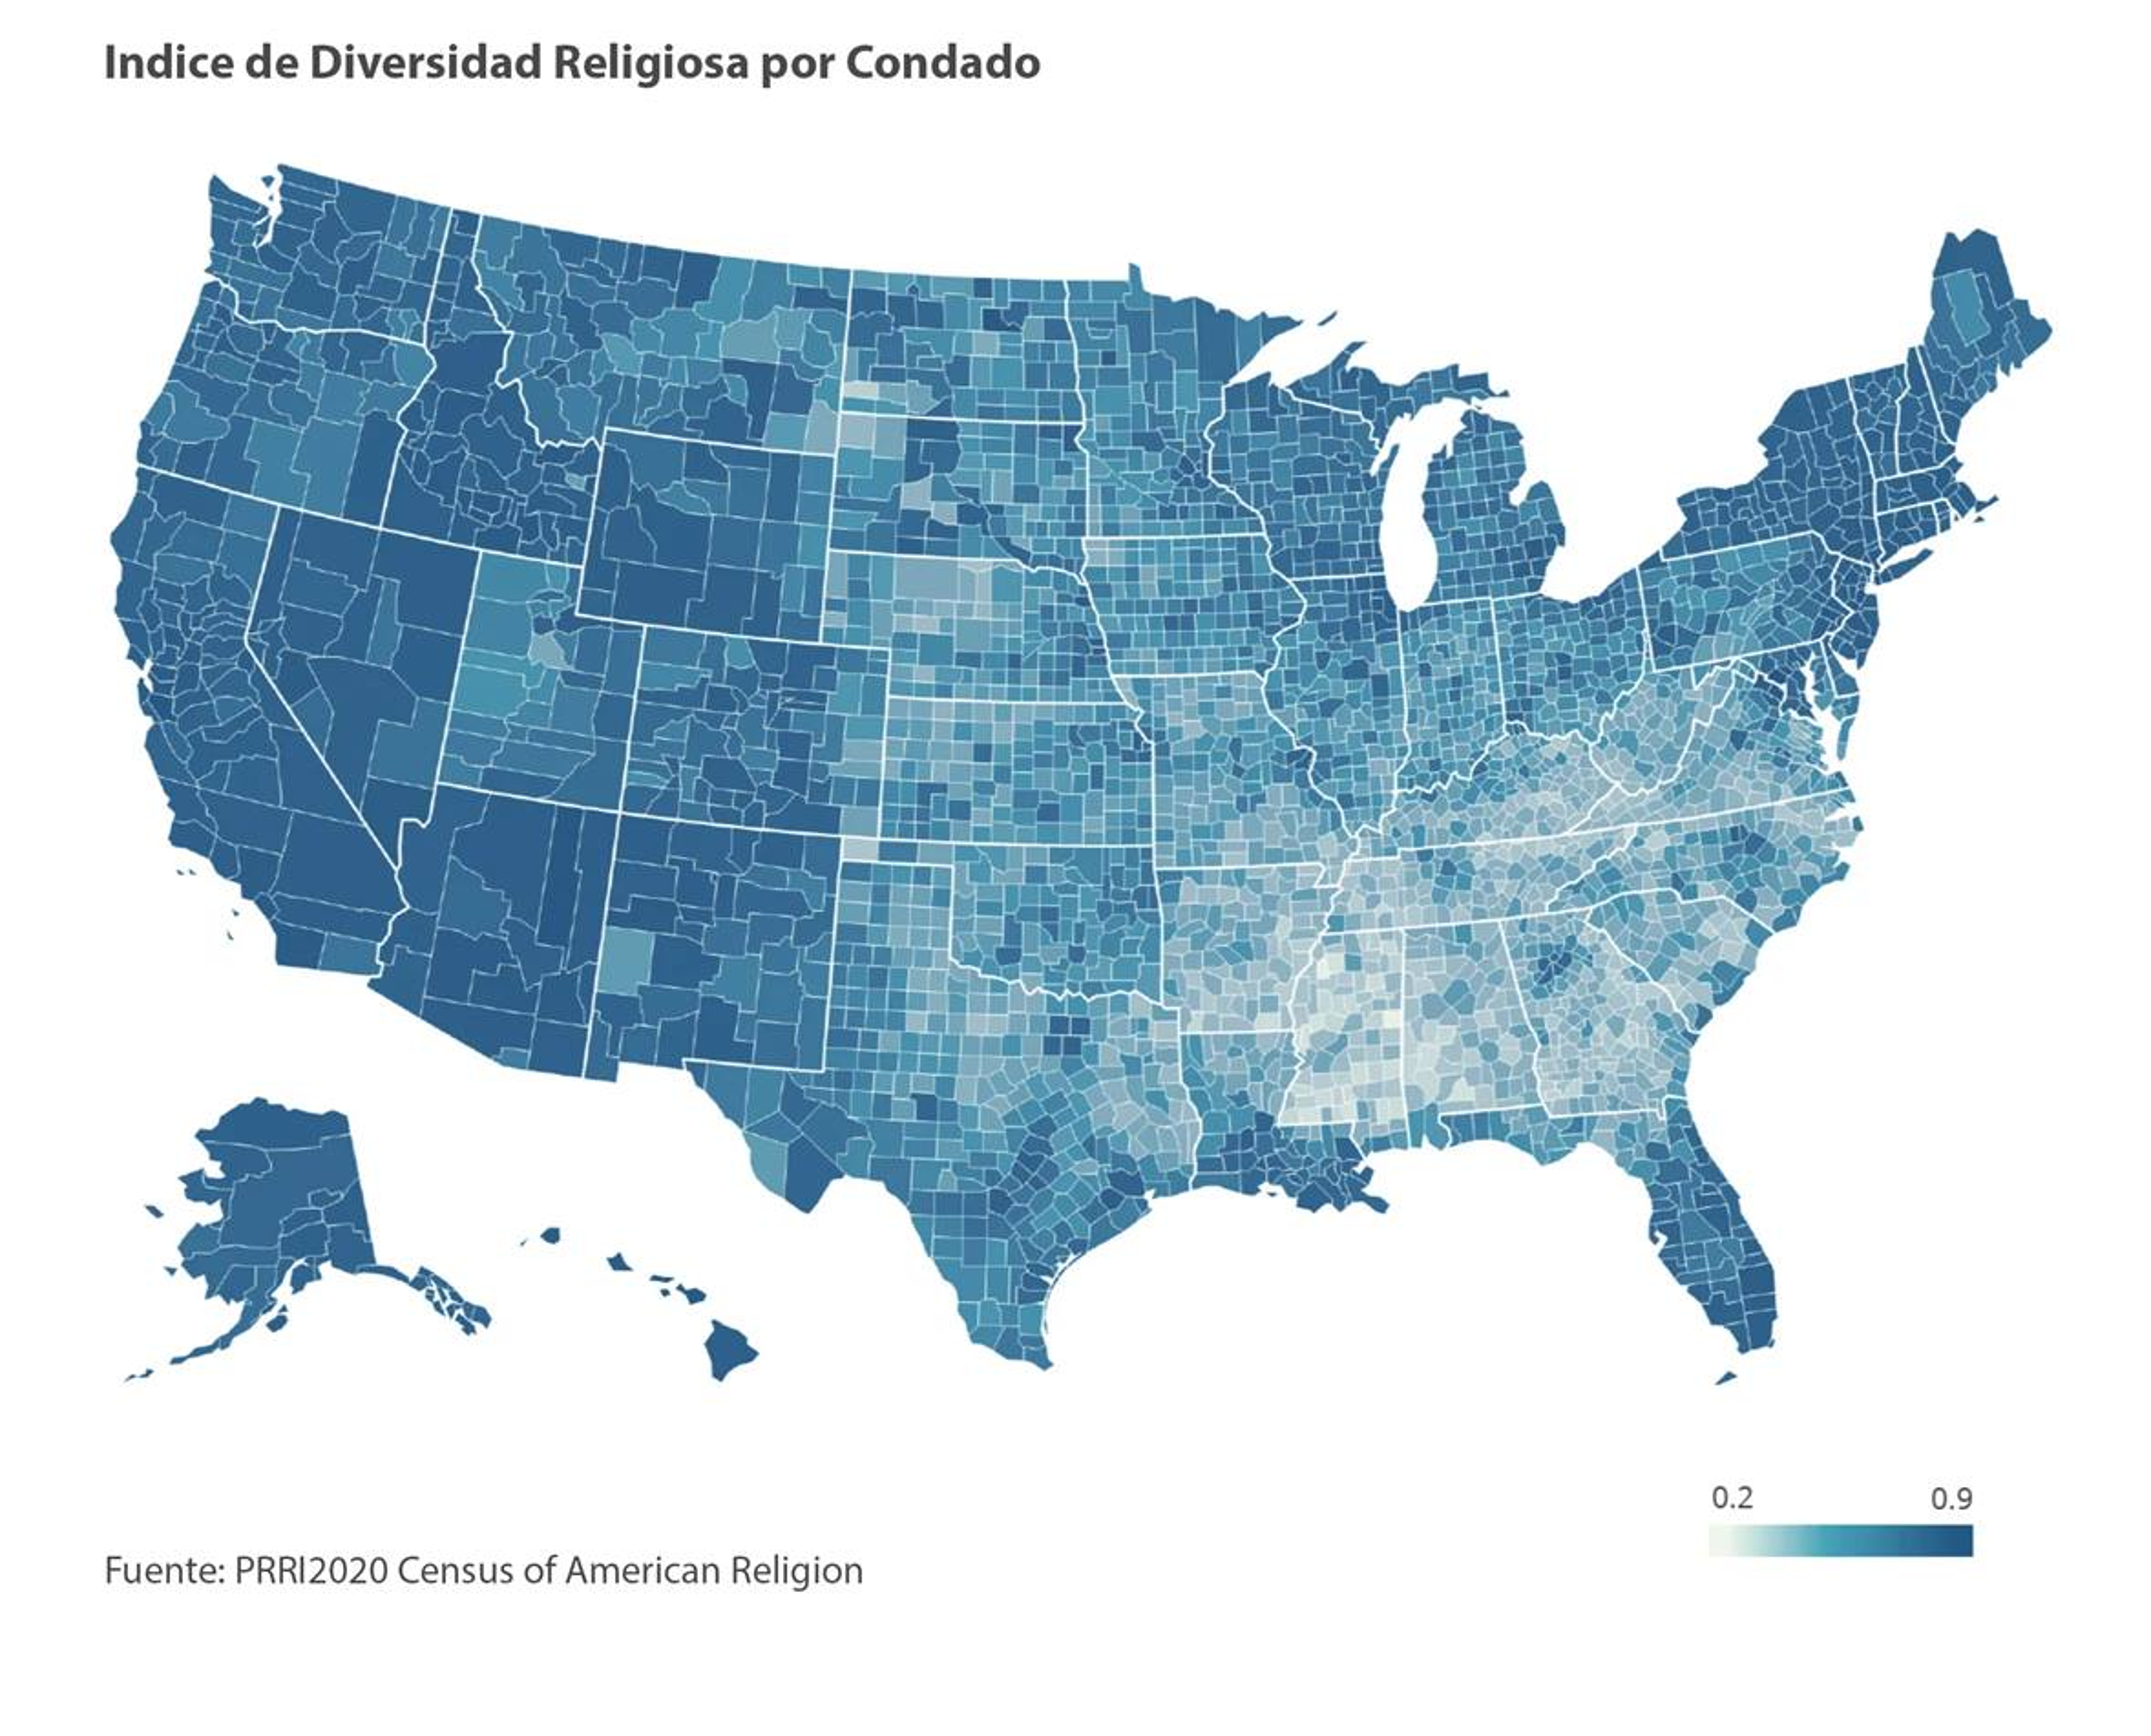 Gráfico cortesía de PRRI Census of American Religion.